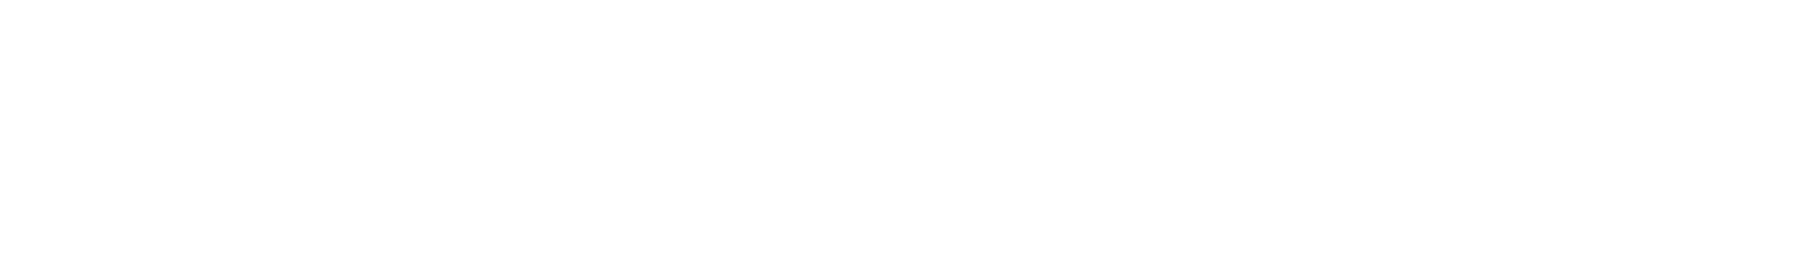 11 g 97bpmstrings